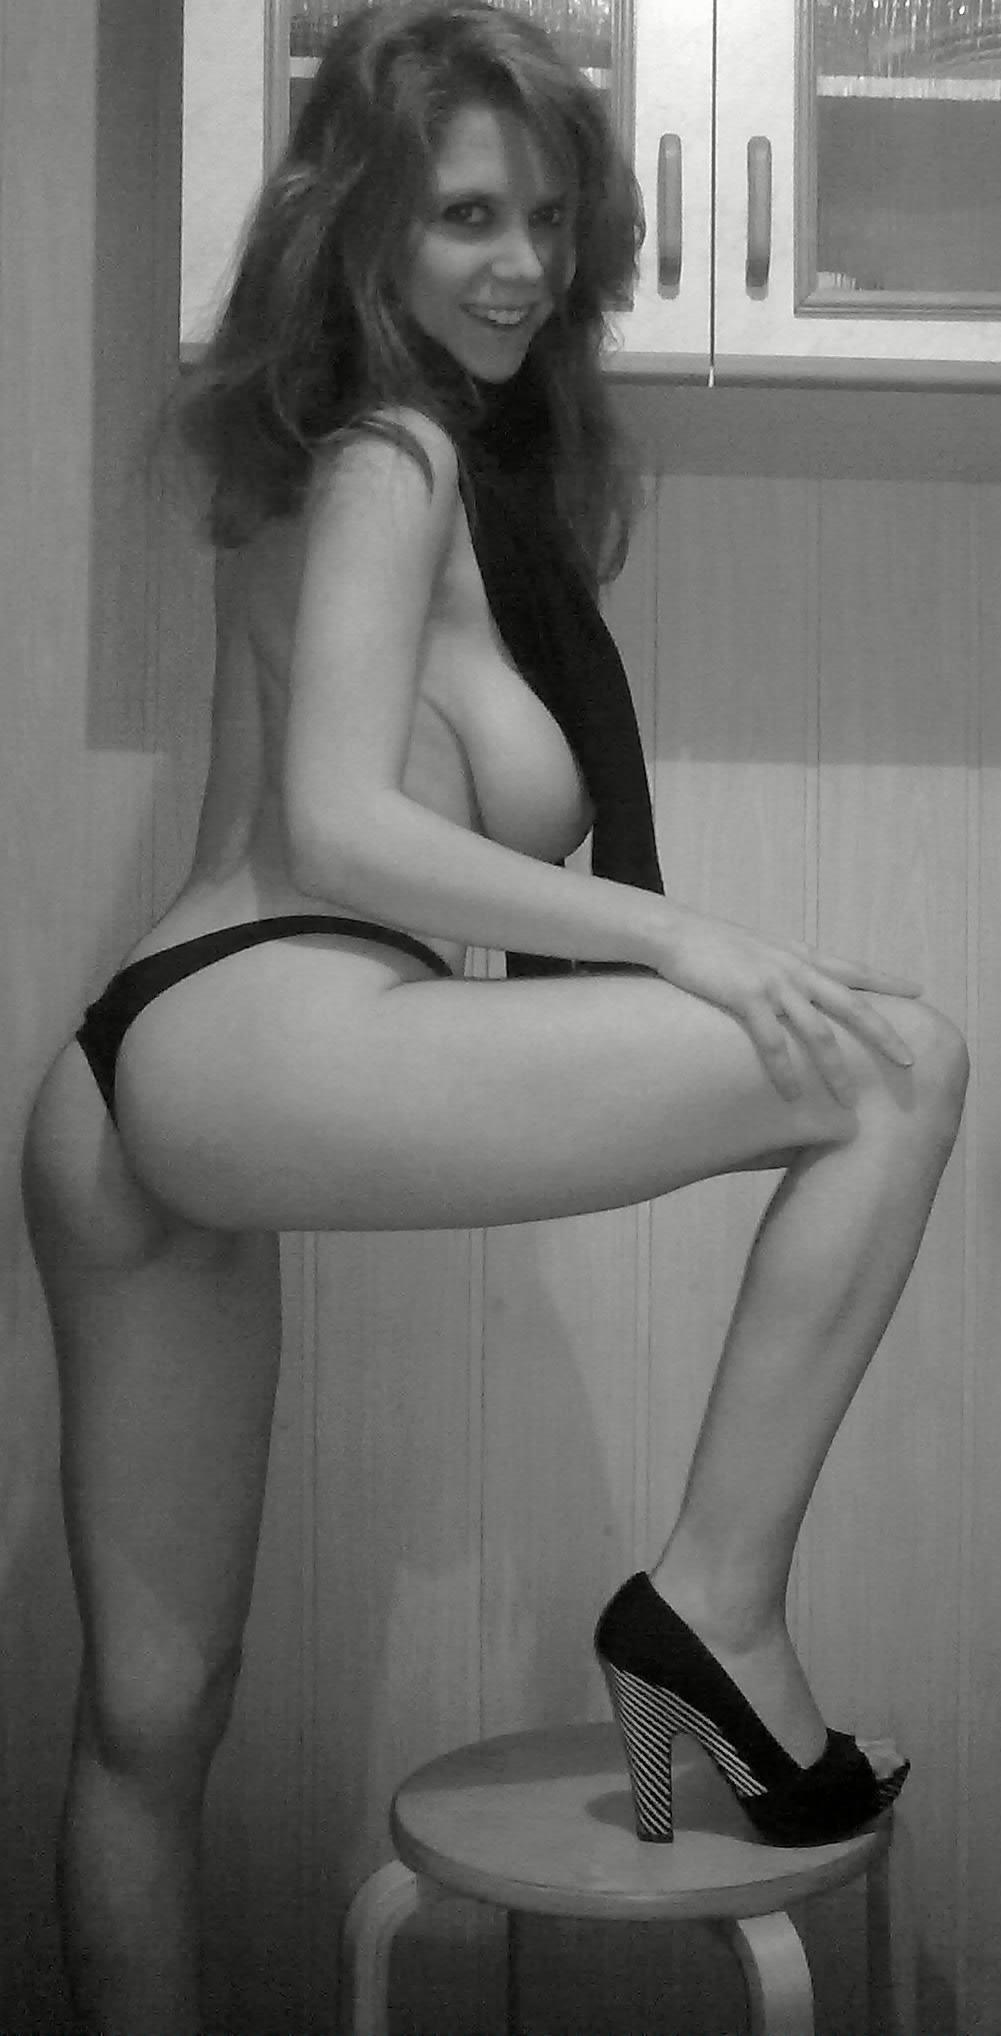 Скайп девушки онлайн которая покажет грудь 12 фотография